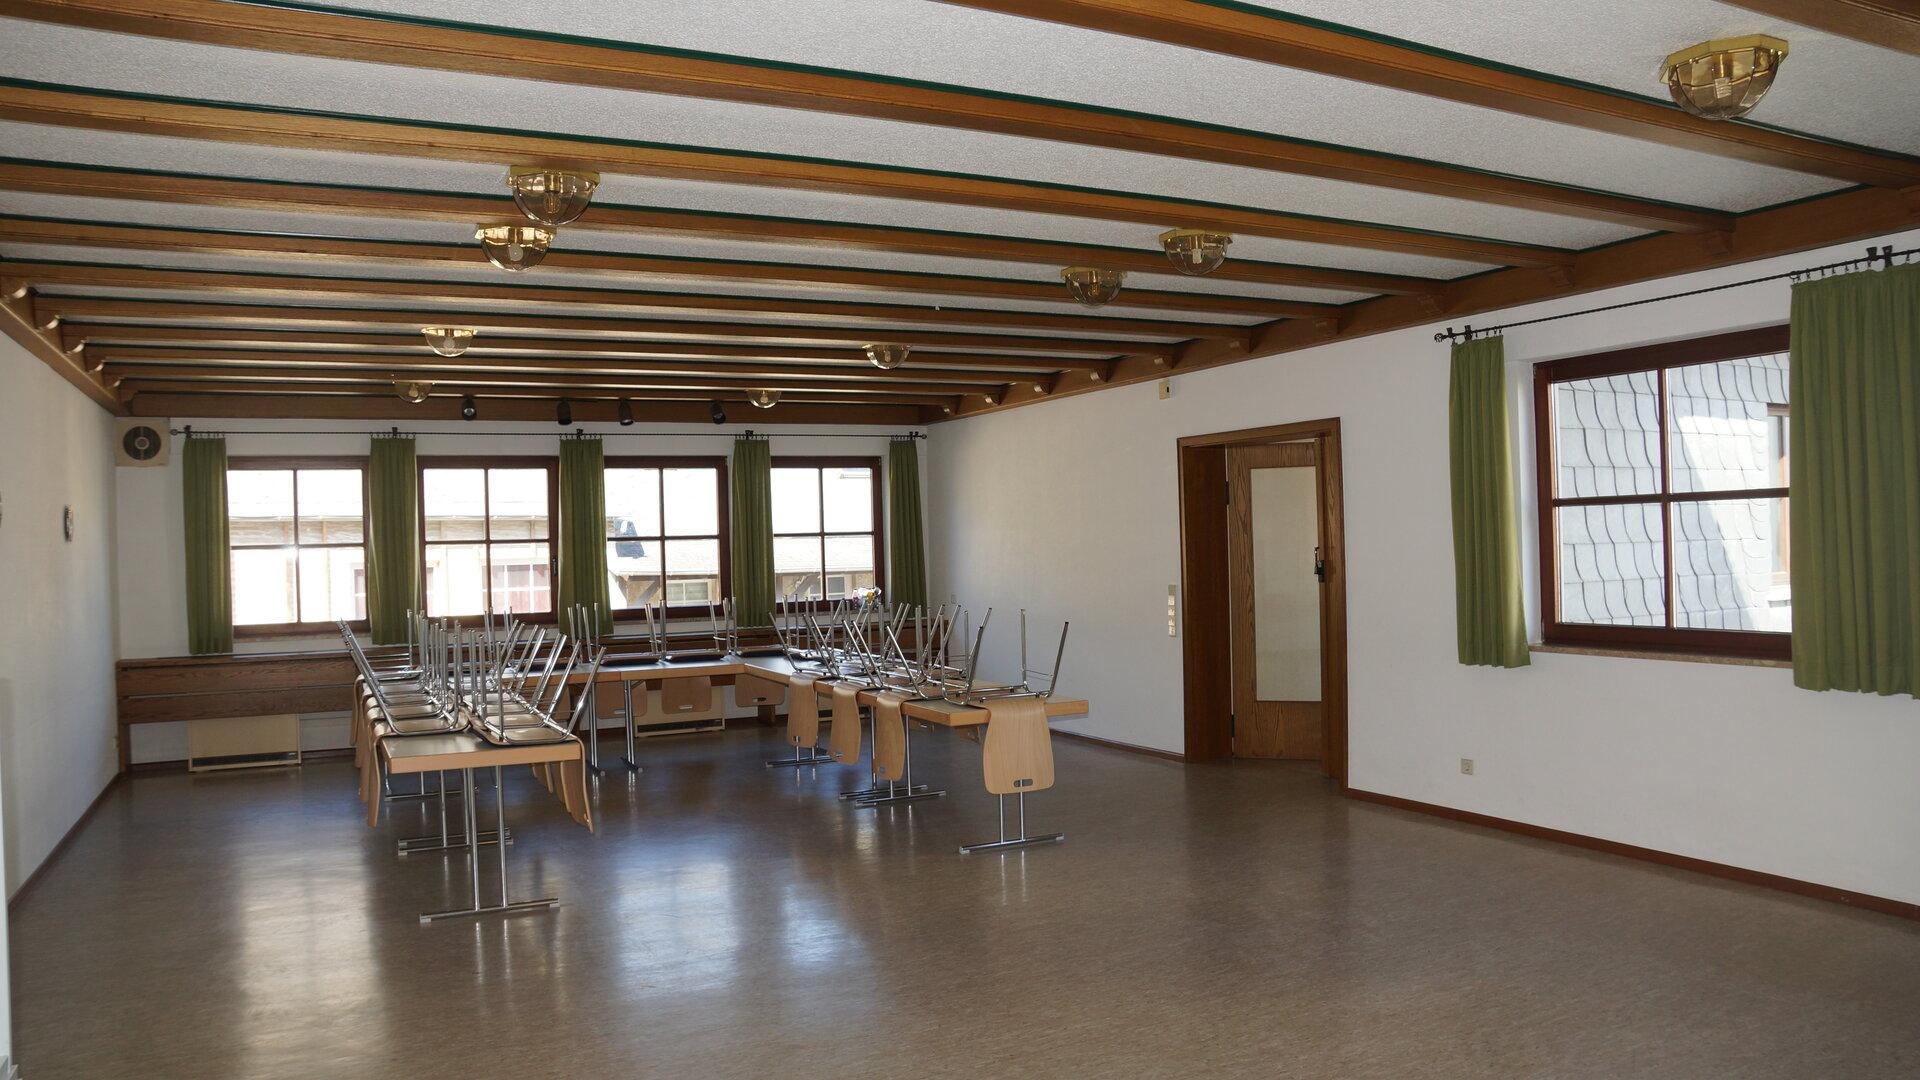 Gemeinschaftsraum (Platz für 60 Personen)